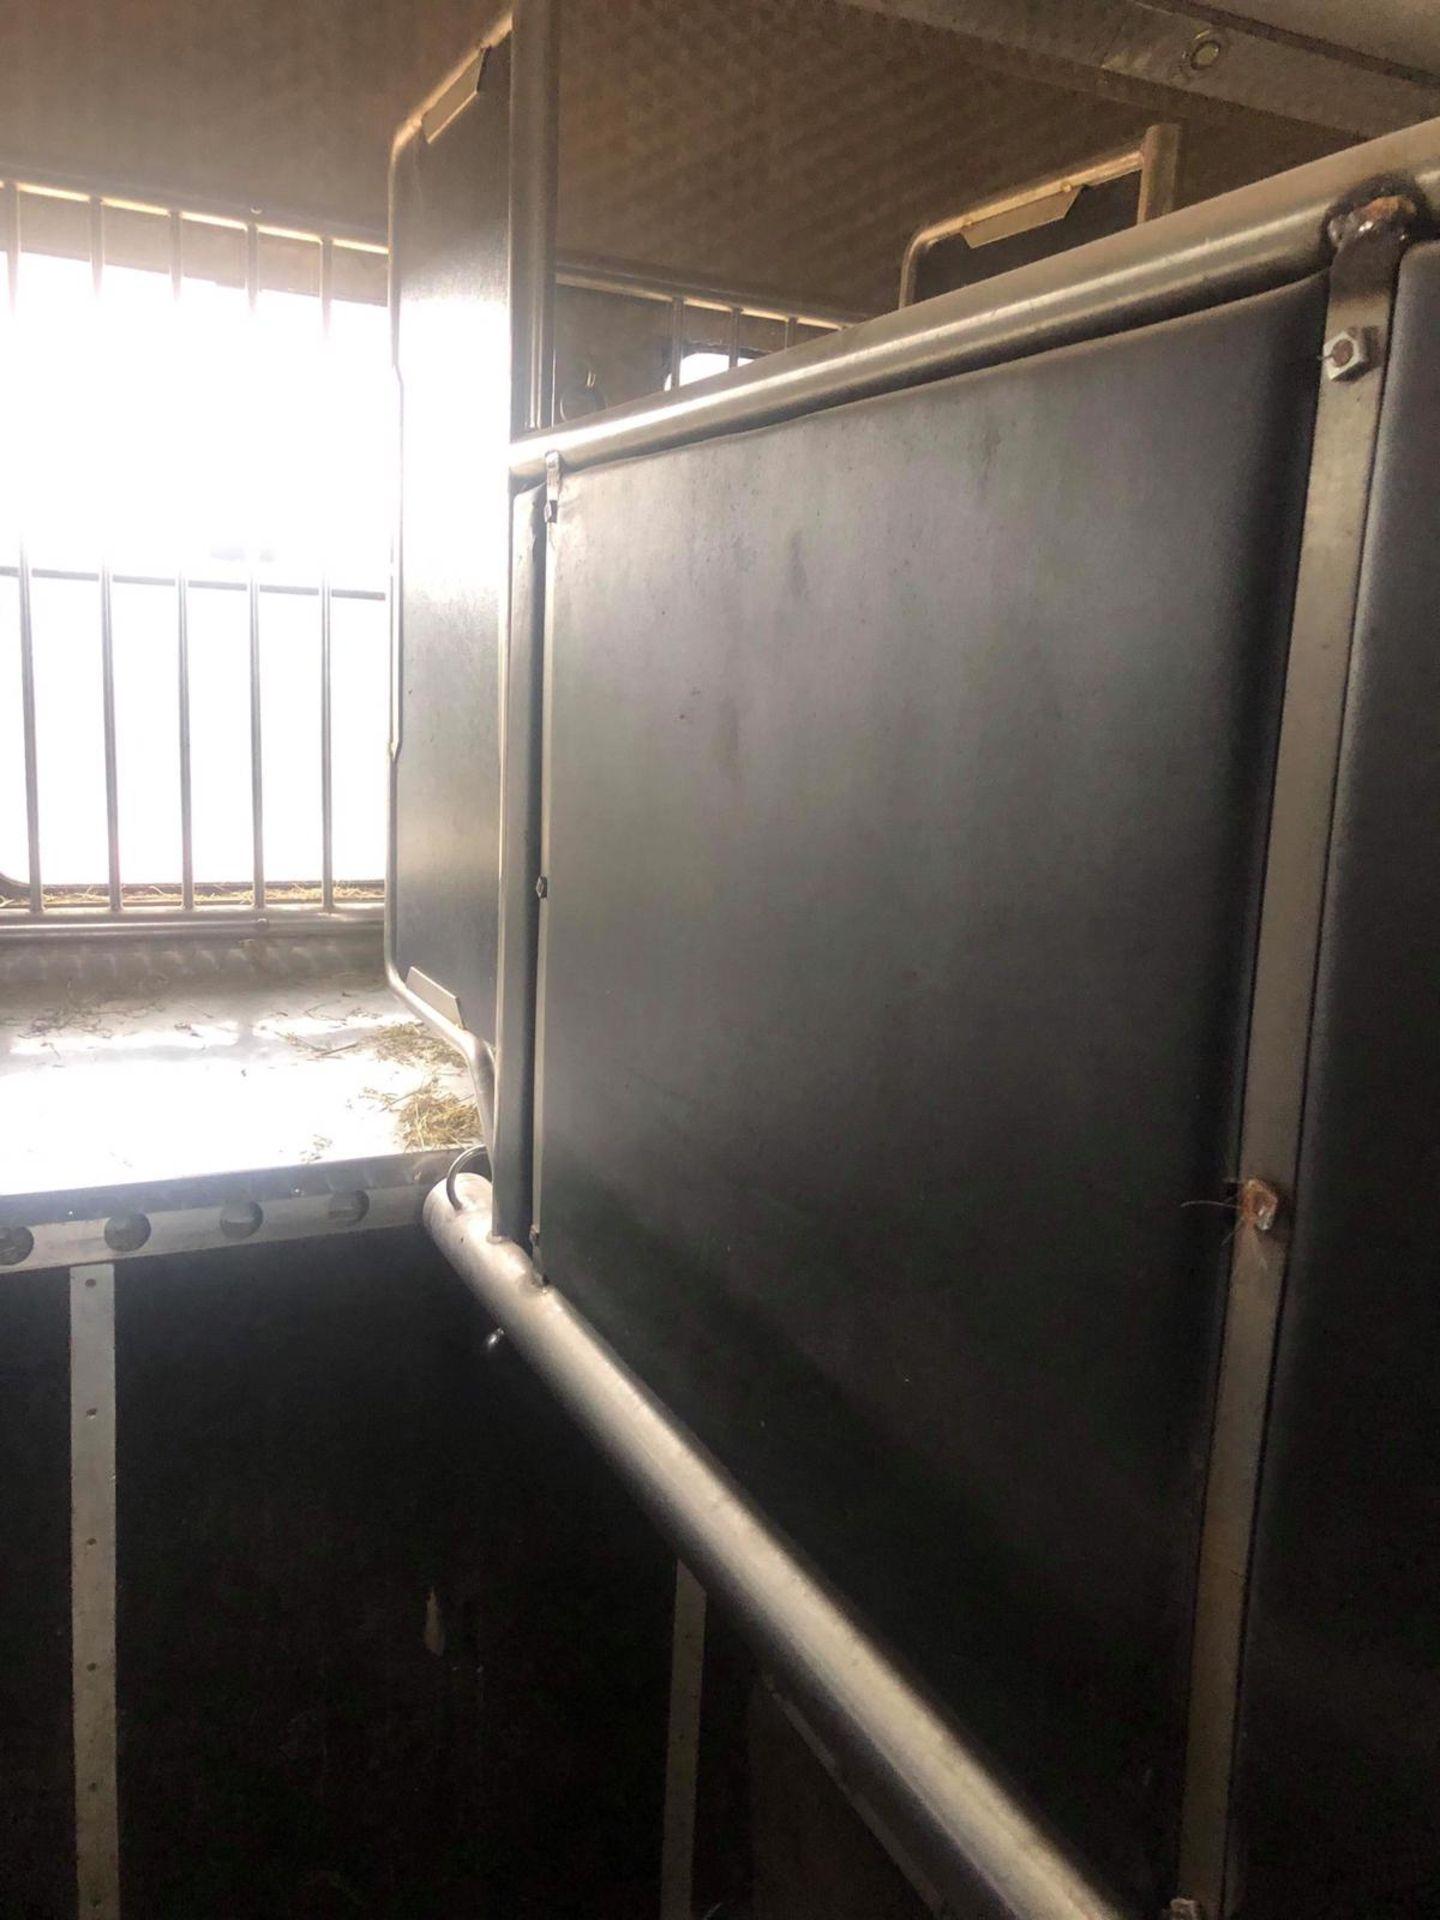 Lot 35 - 1999 MERCEDES CVS ACTROS 1840 LS SLP HORSEBOX, PROFESSIONAL BUILD BY LEHEL ALEXANDERS *NO VAT*